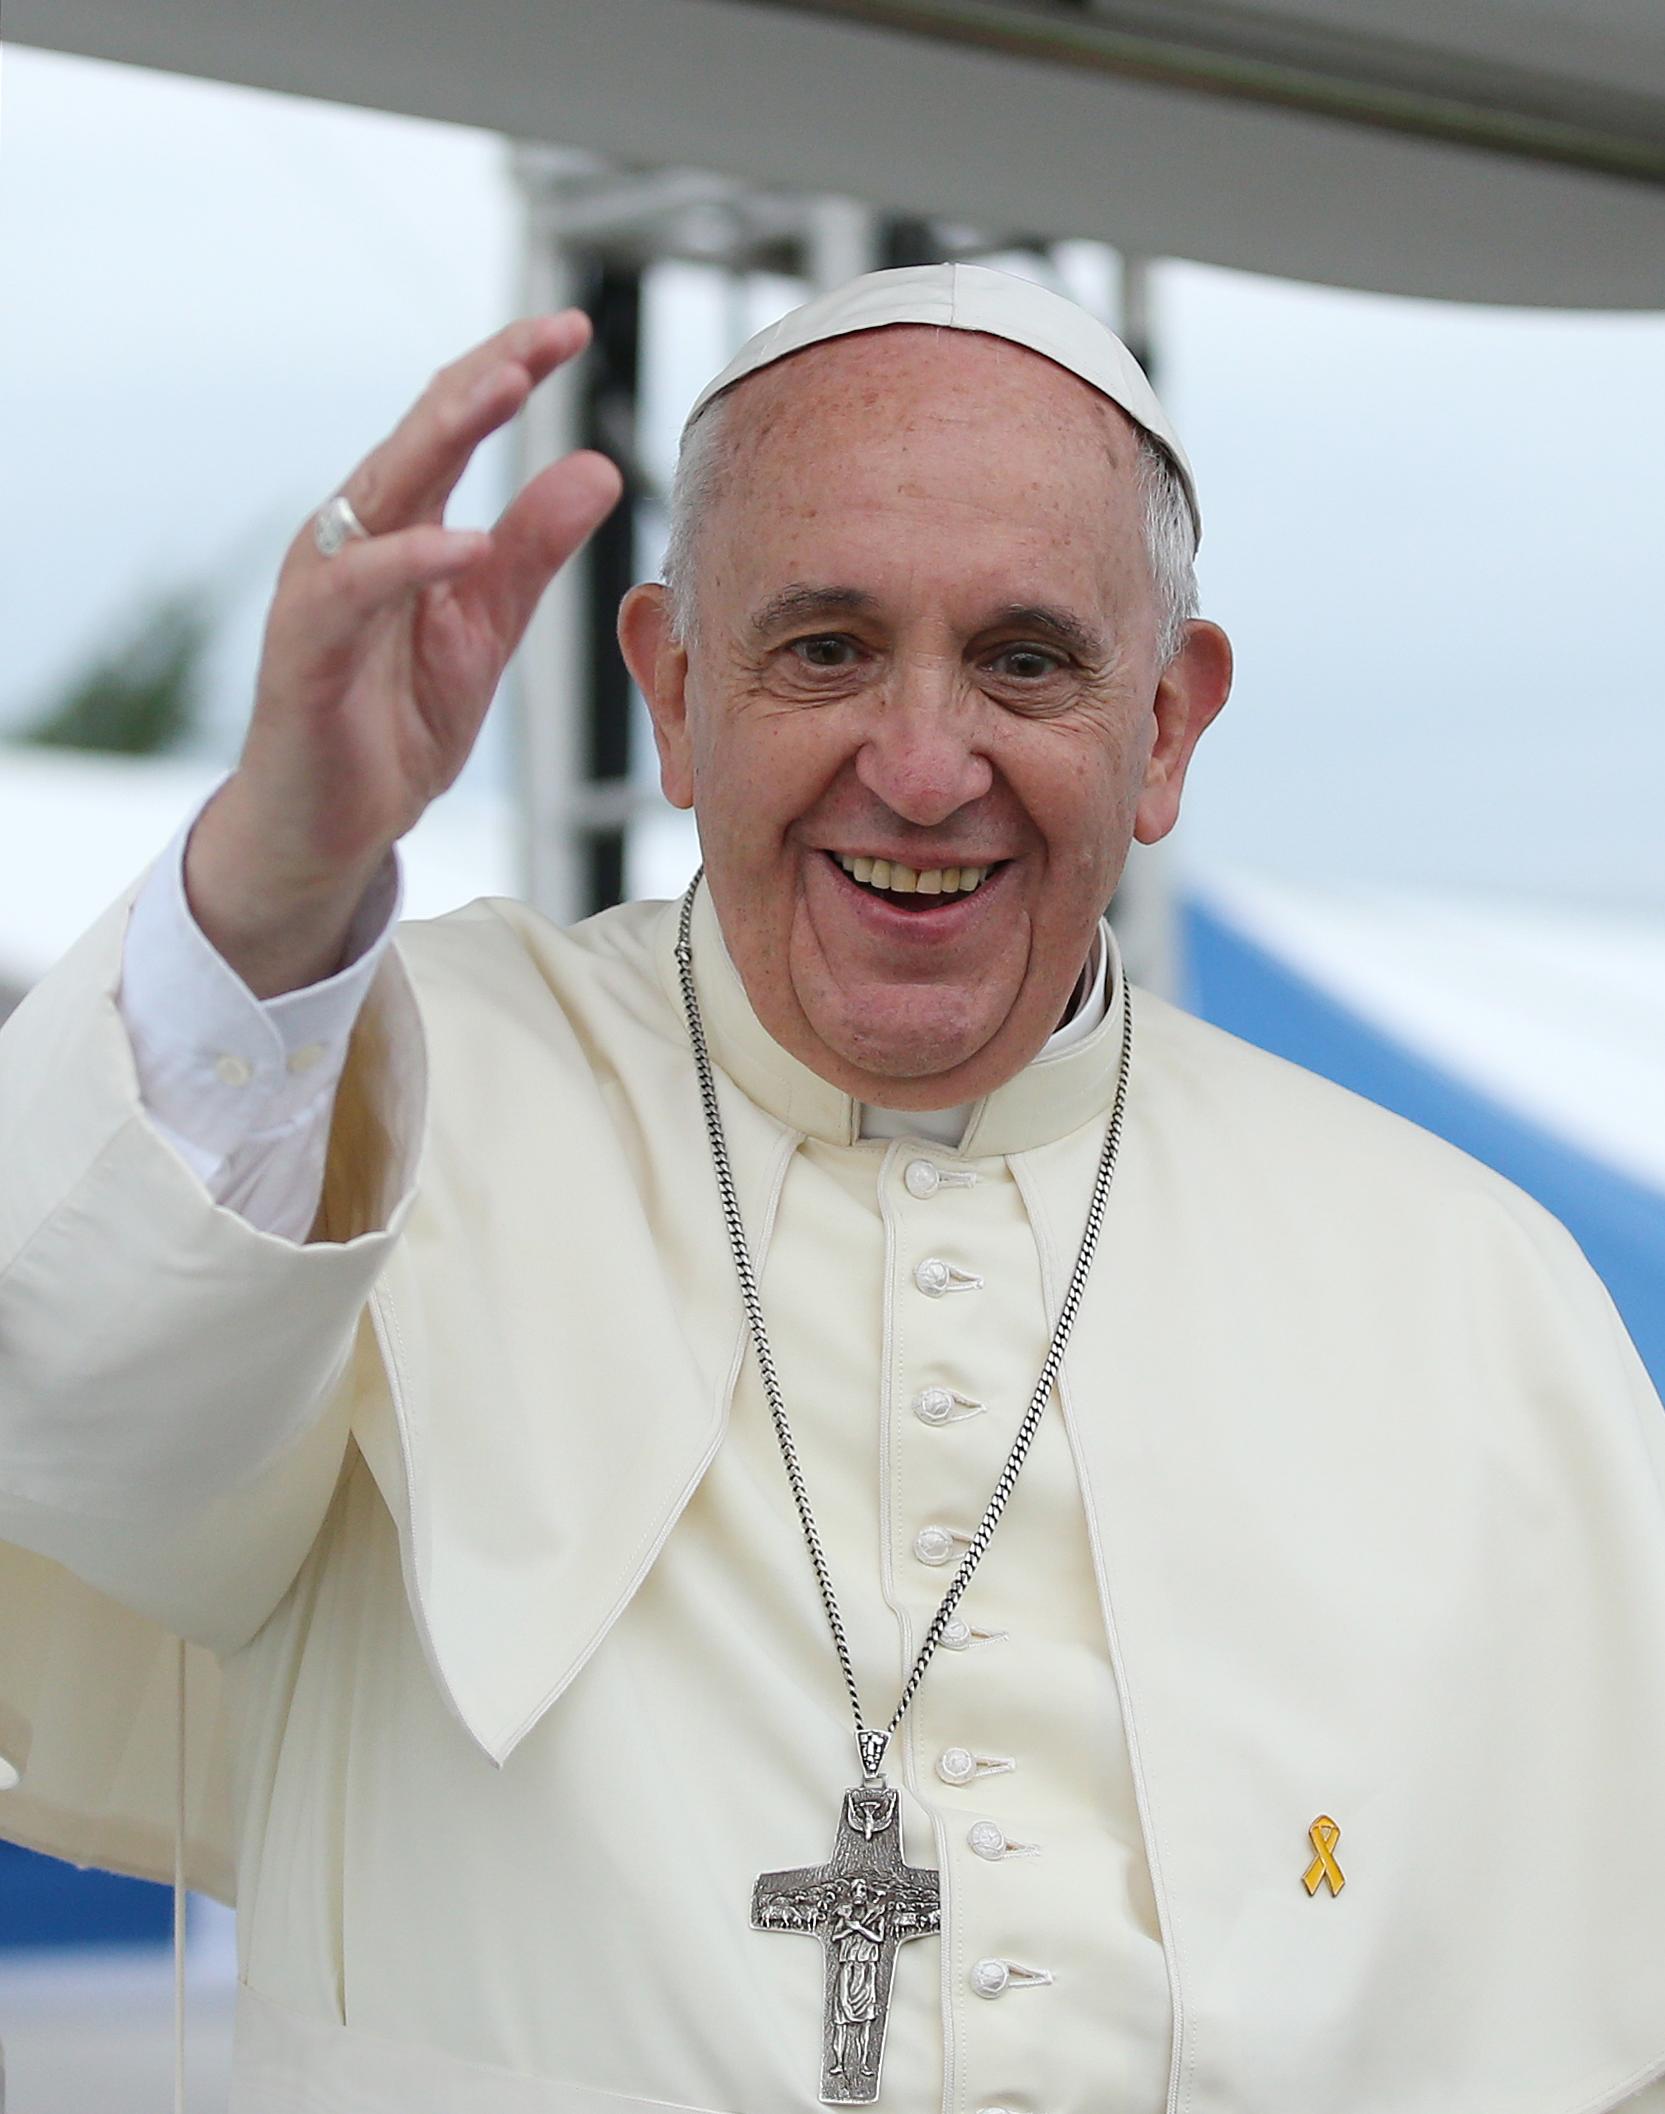 Papst zwischen Reform und Ketzerei – religion.ORF.at